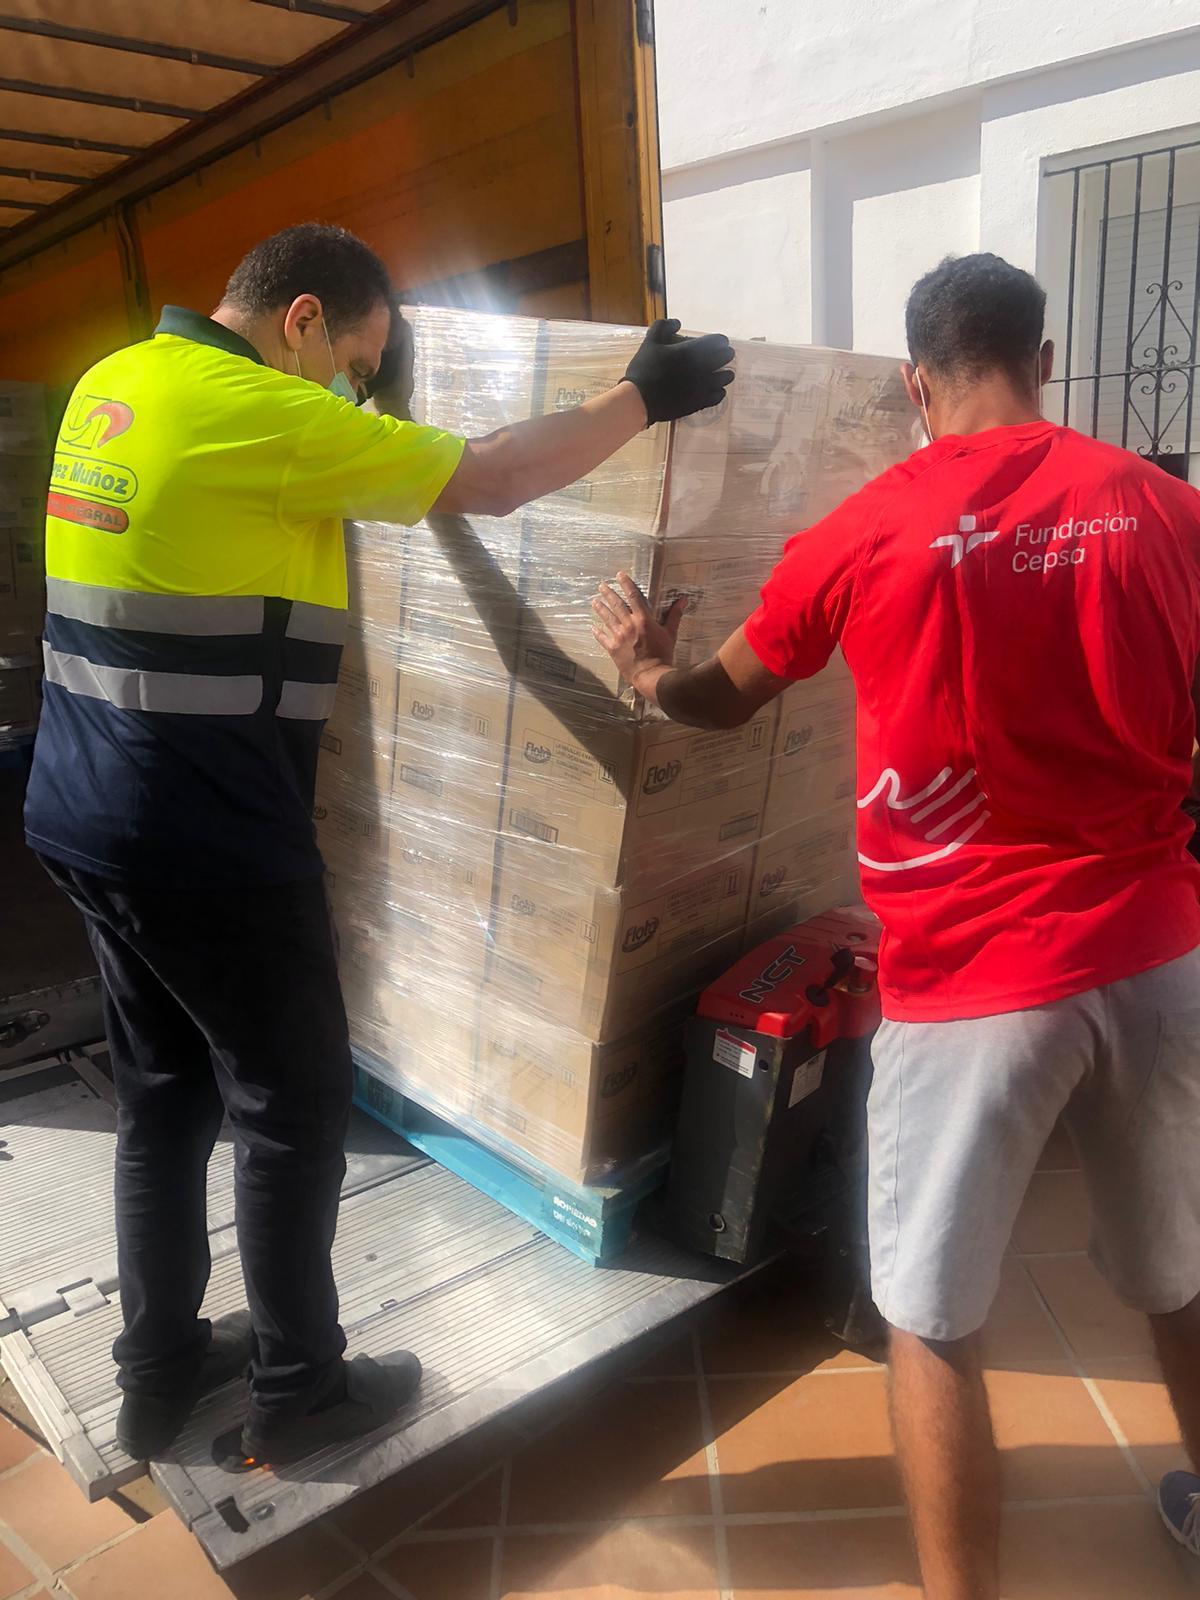 Las fundaciones Persán y Cepsa distribuyen una segunda entrega de detergente en el Campo de Gibraltar